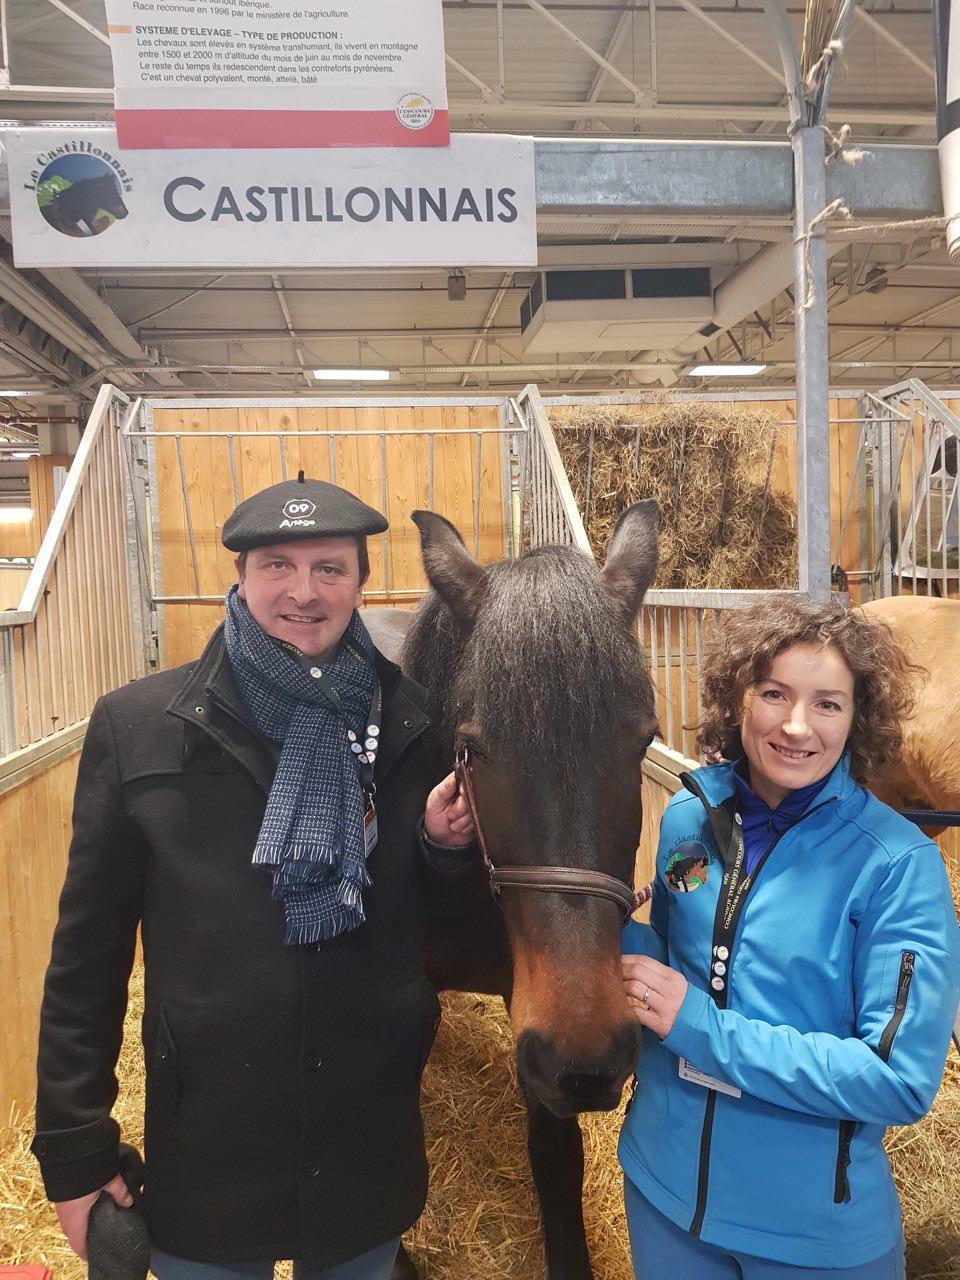 Sur le stand du Cheval Castillonnais: rencontre avec les éleveur.se.s et Calypso, une jument de la race.